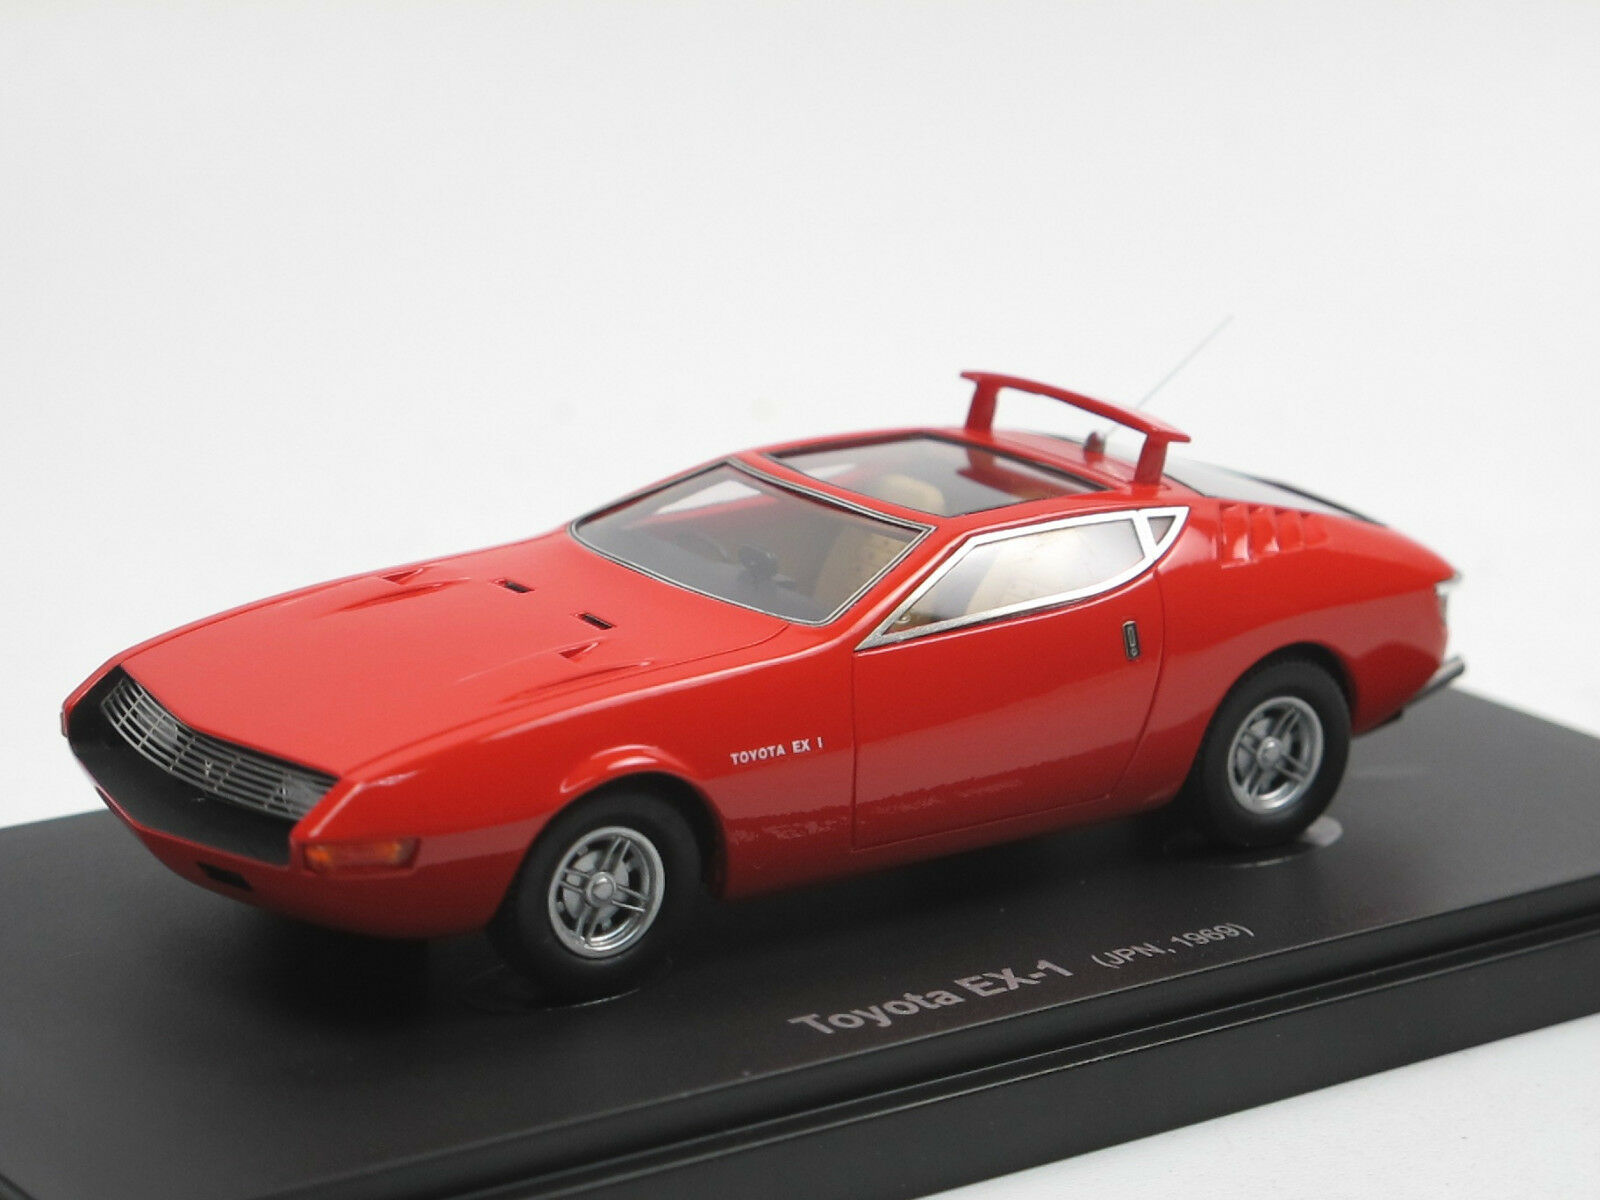 Autocult Avenue 43 60010 Toyota EX-1 Concept Car 1969 Japan 1 43 Limited Edition